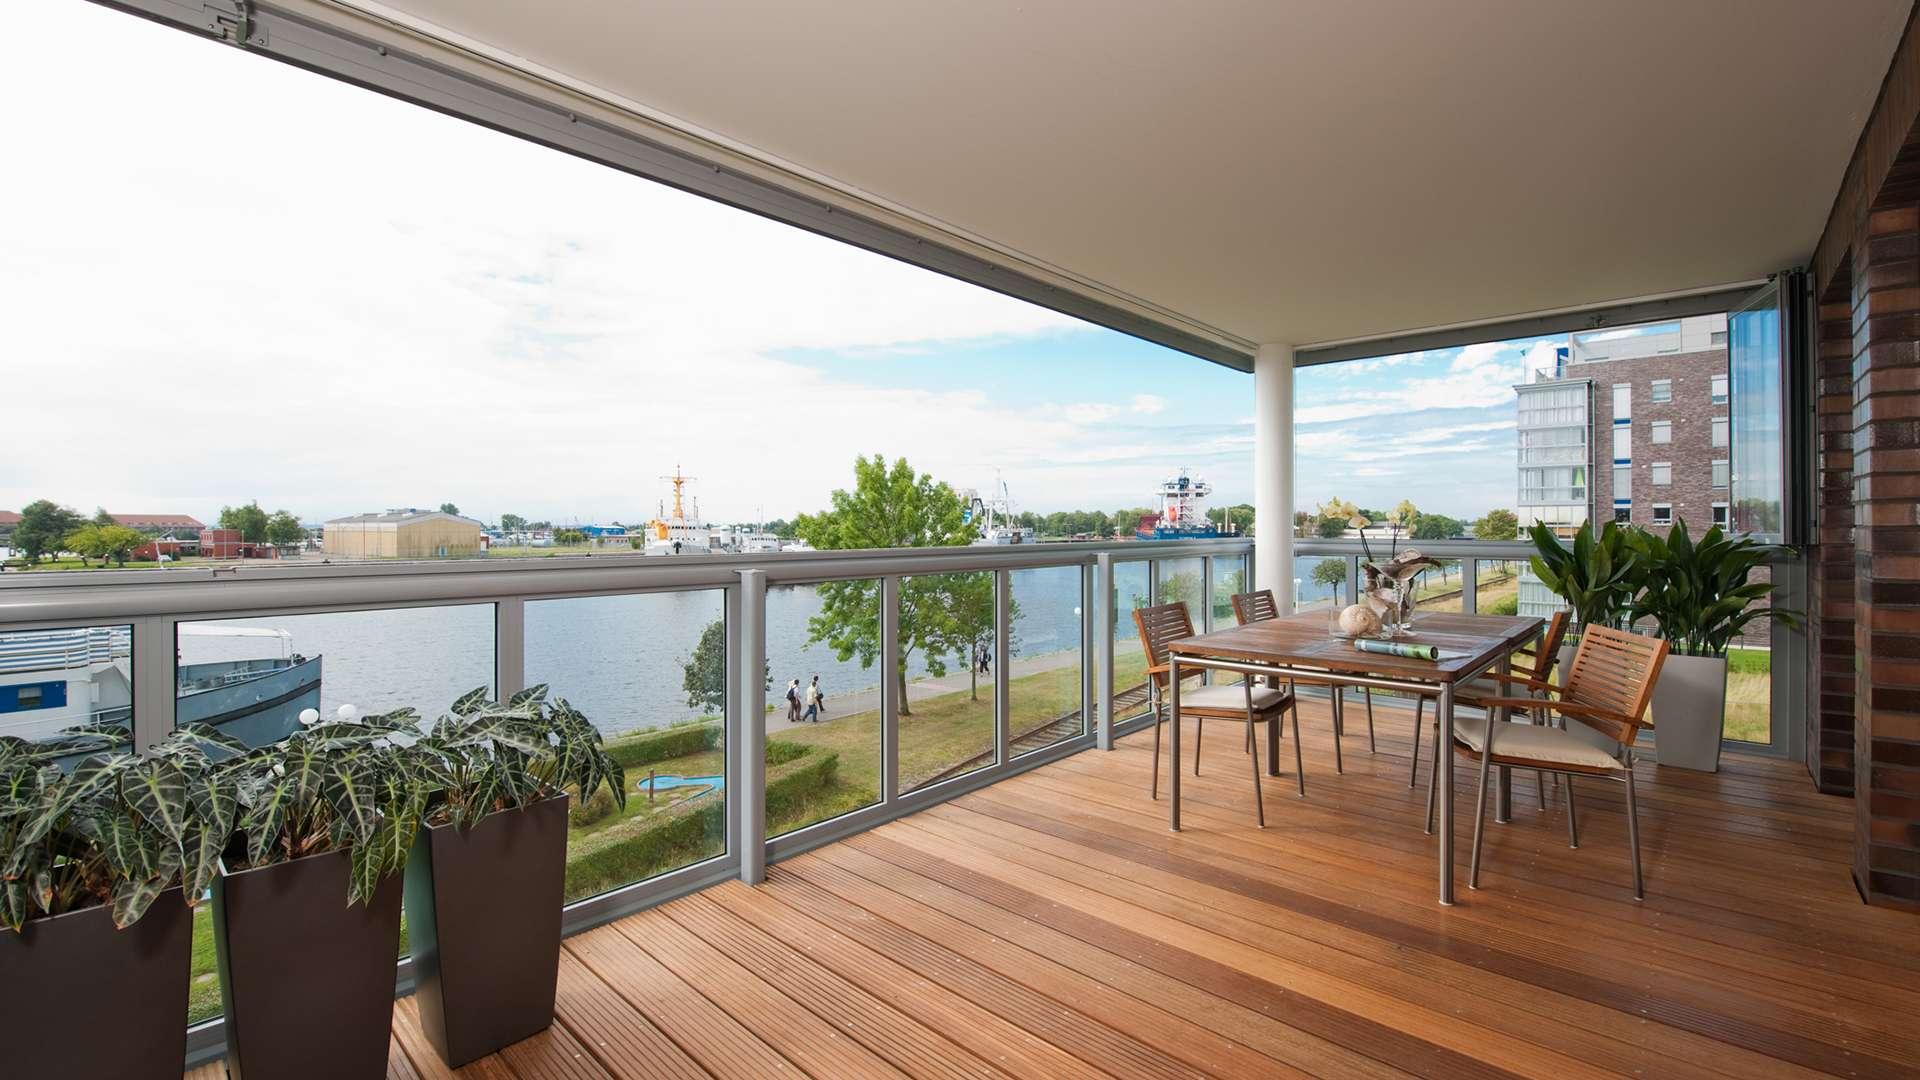 Balkonverglasung eine großen Terrassen mit Blick auf einen See